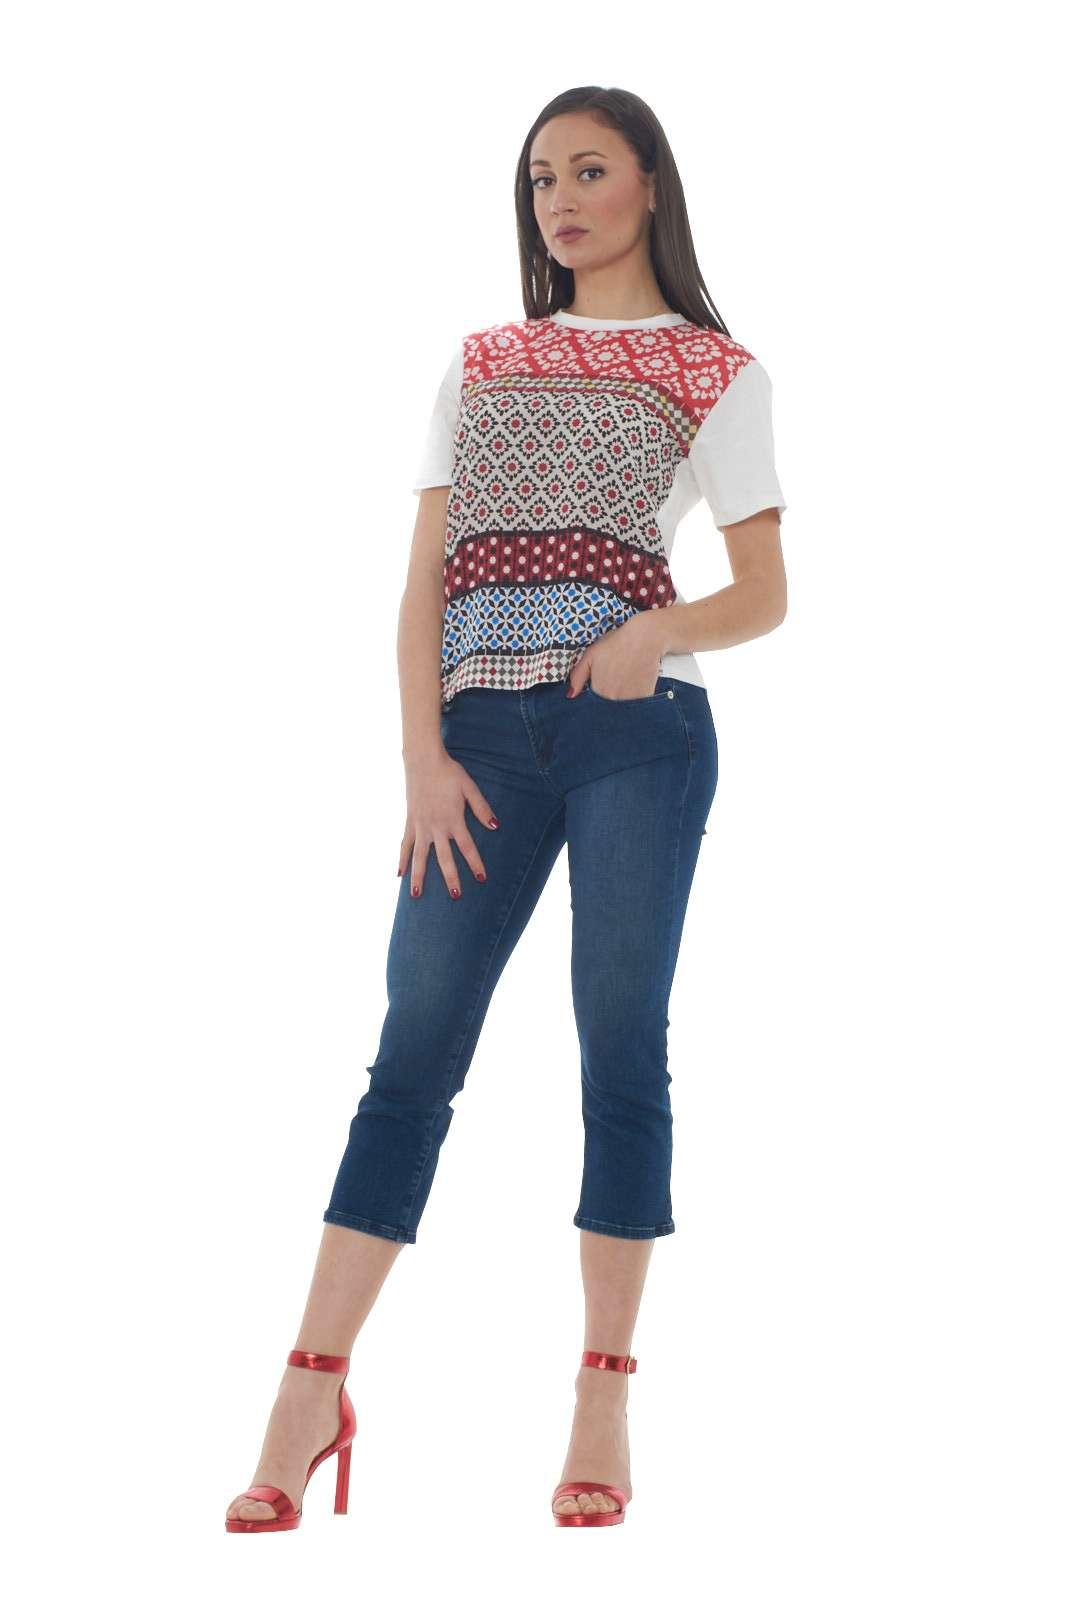 https://www.parmax.com/media/catalog/product/a/i/PE-outlet_parmax-t-shirt-donna-MaxMara-59412201-D.jpg